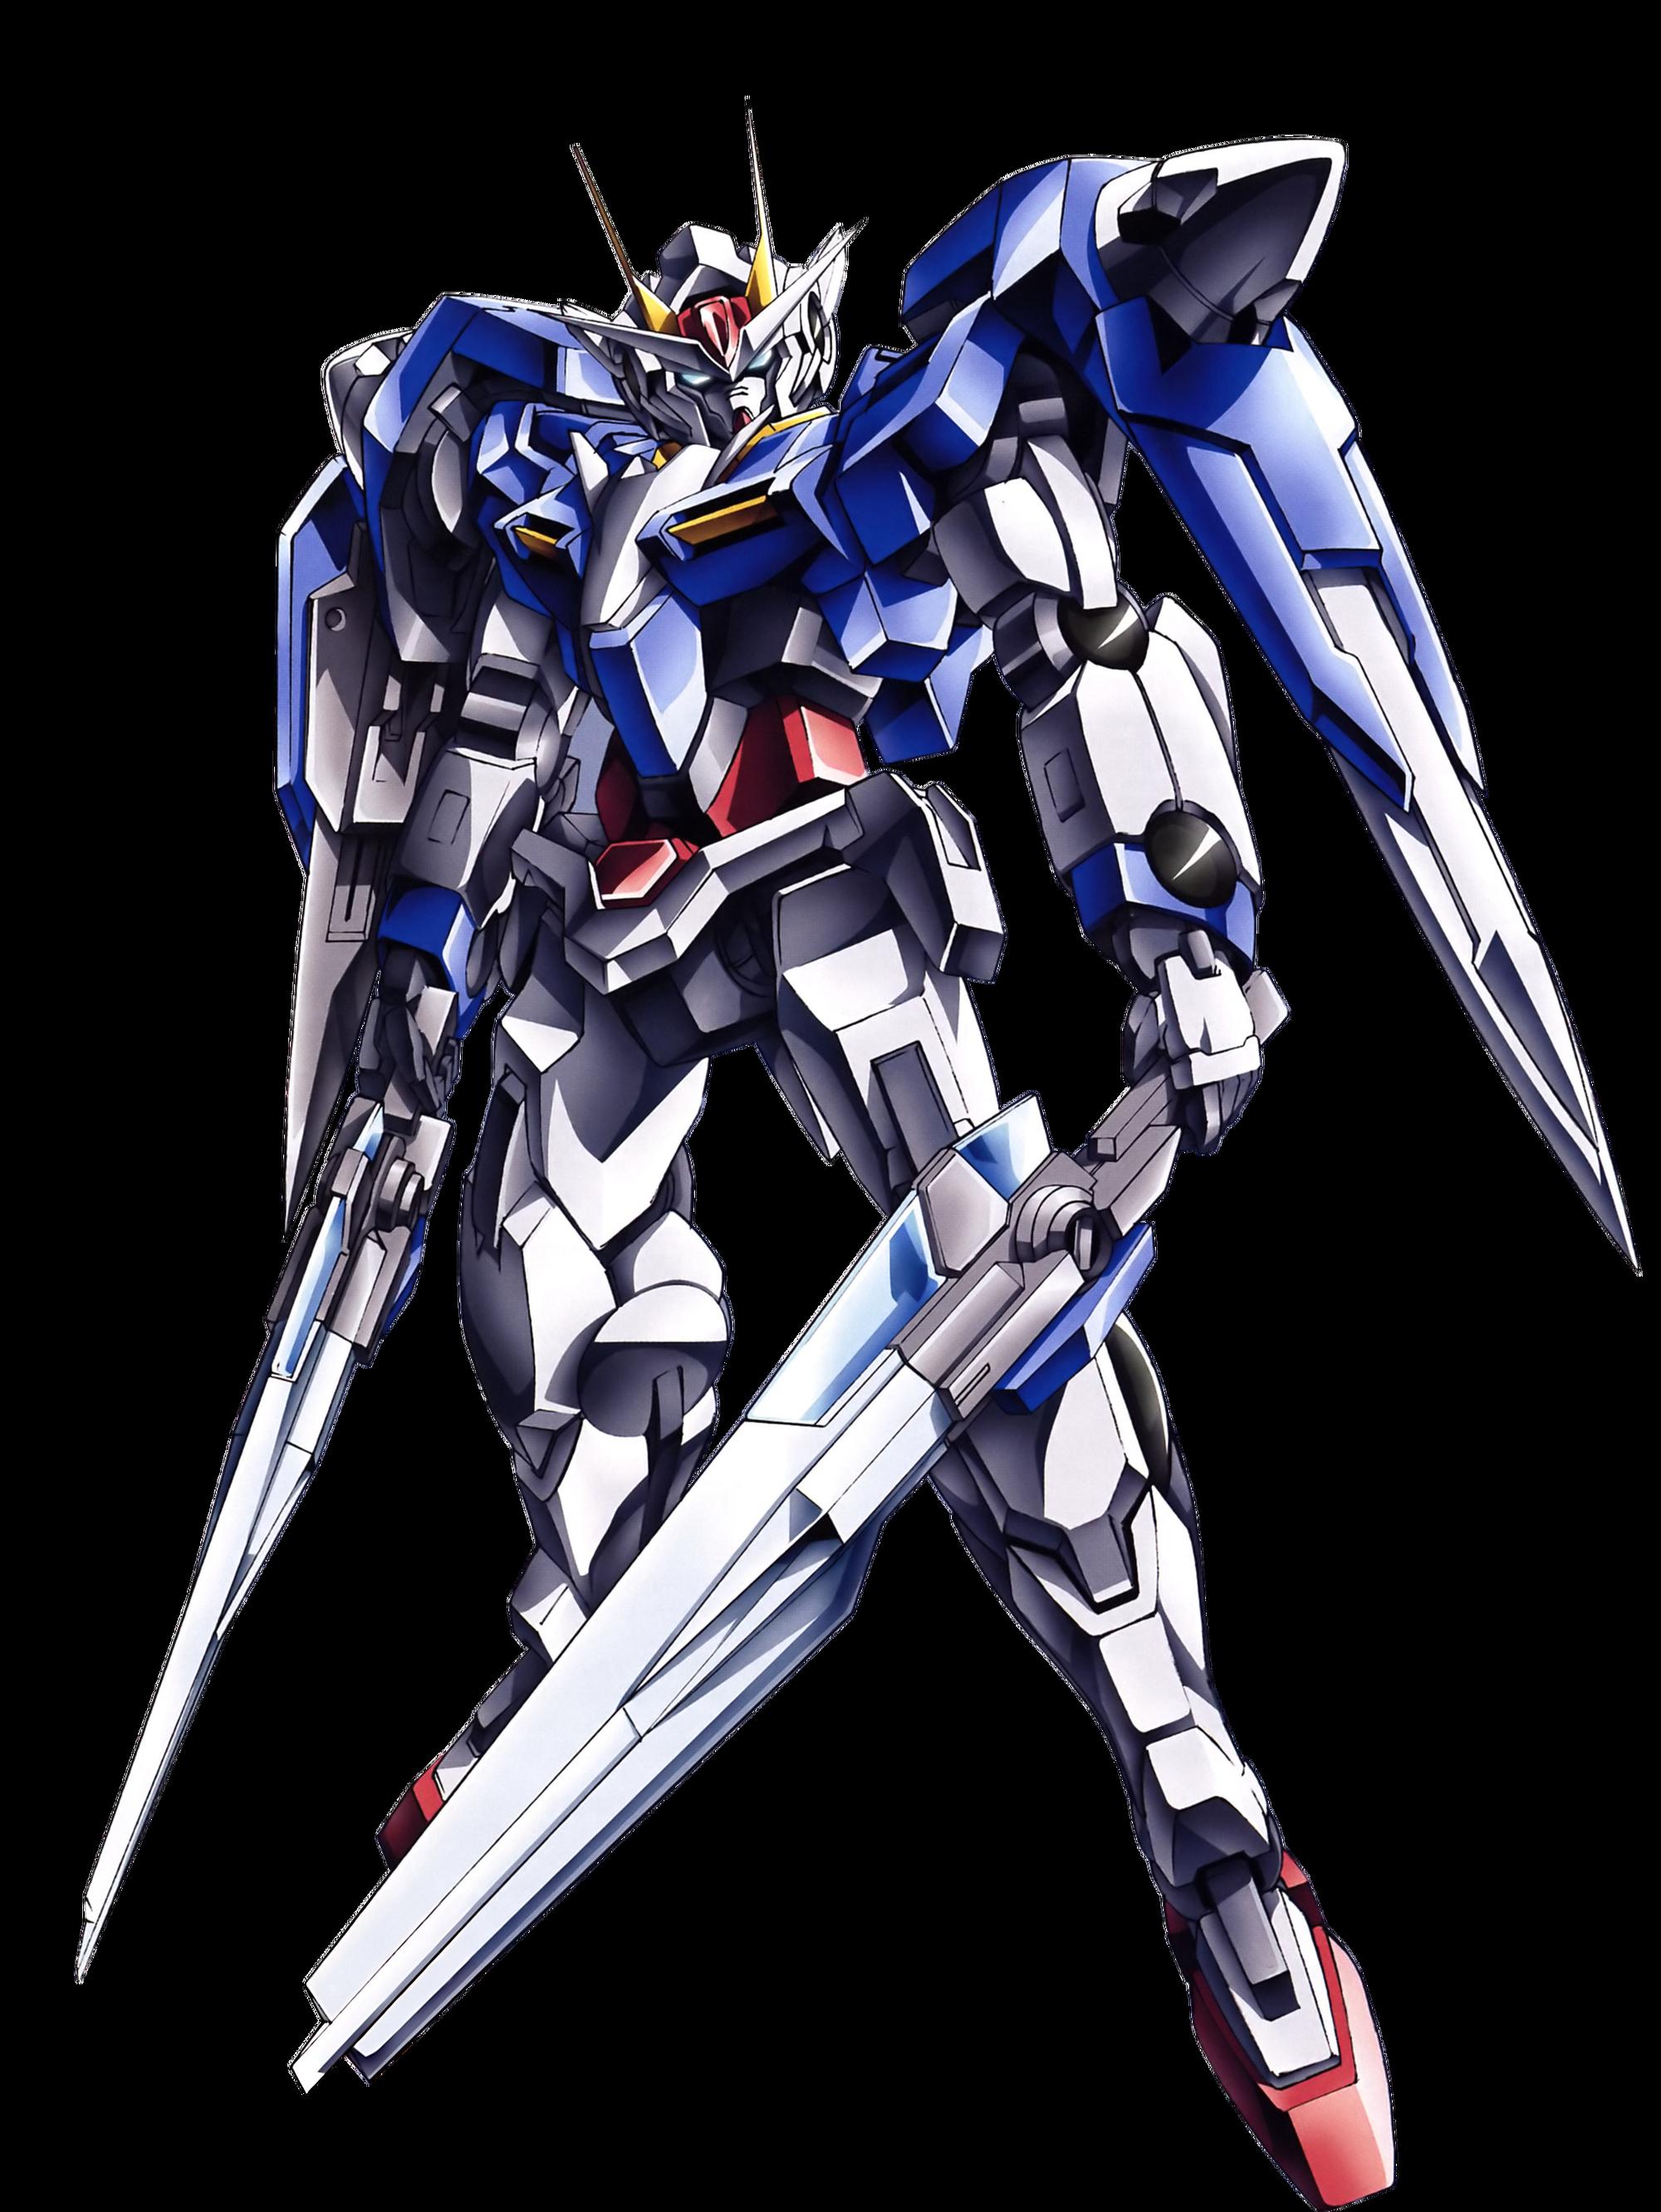 GN-0000 00 Gundam - Gundam Wiki - Wikia